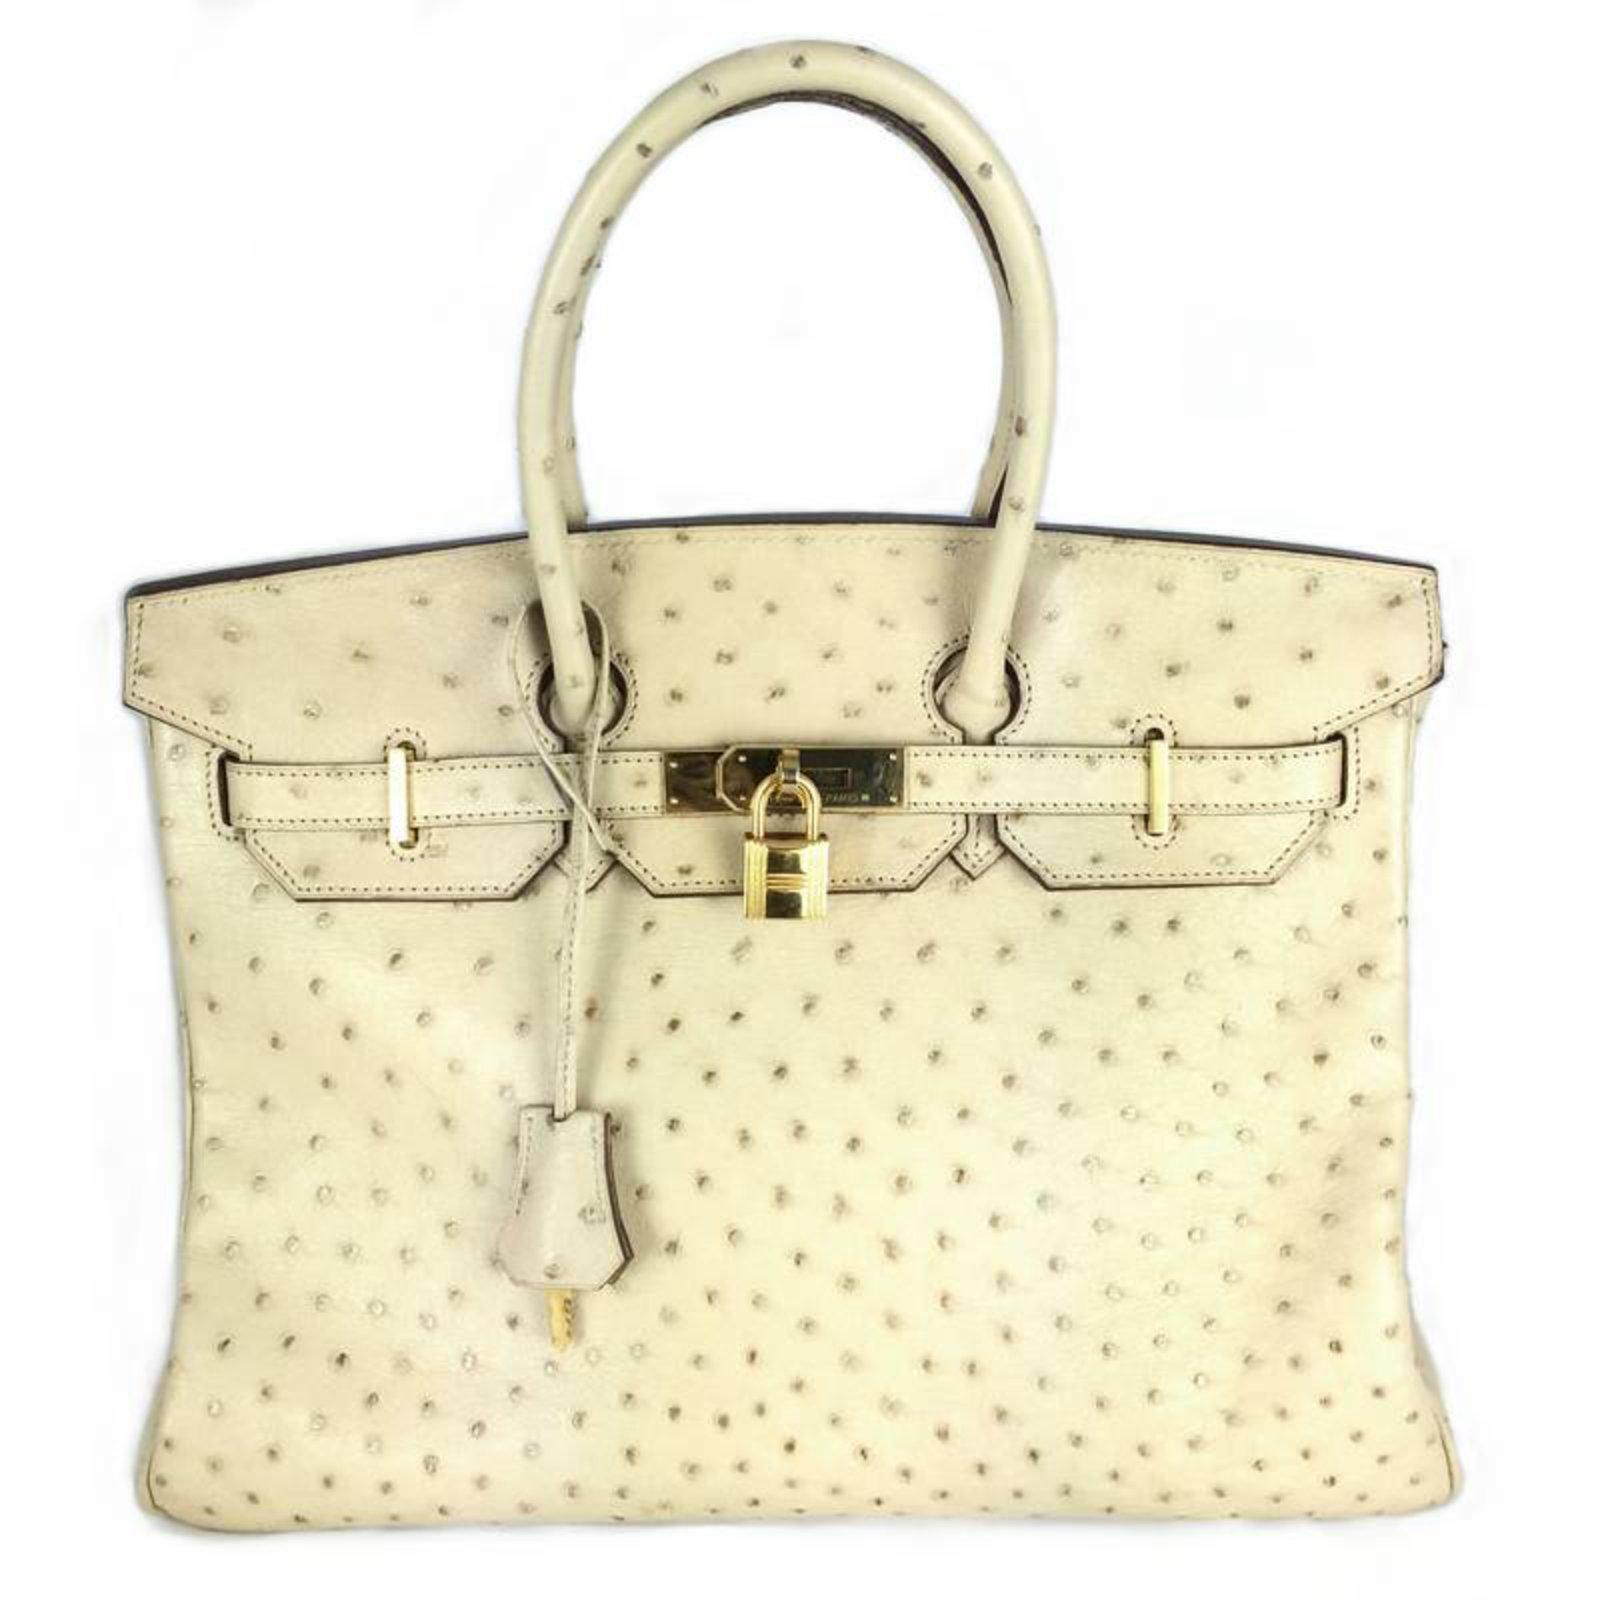 Sacs à main Hermès Birkin 35 Autruche Parchemin Cuirs exotiques Beige  ref.22292 12f1a0335c6